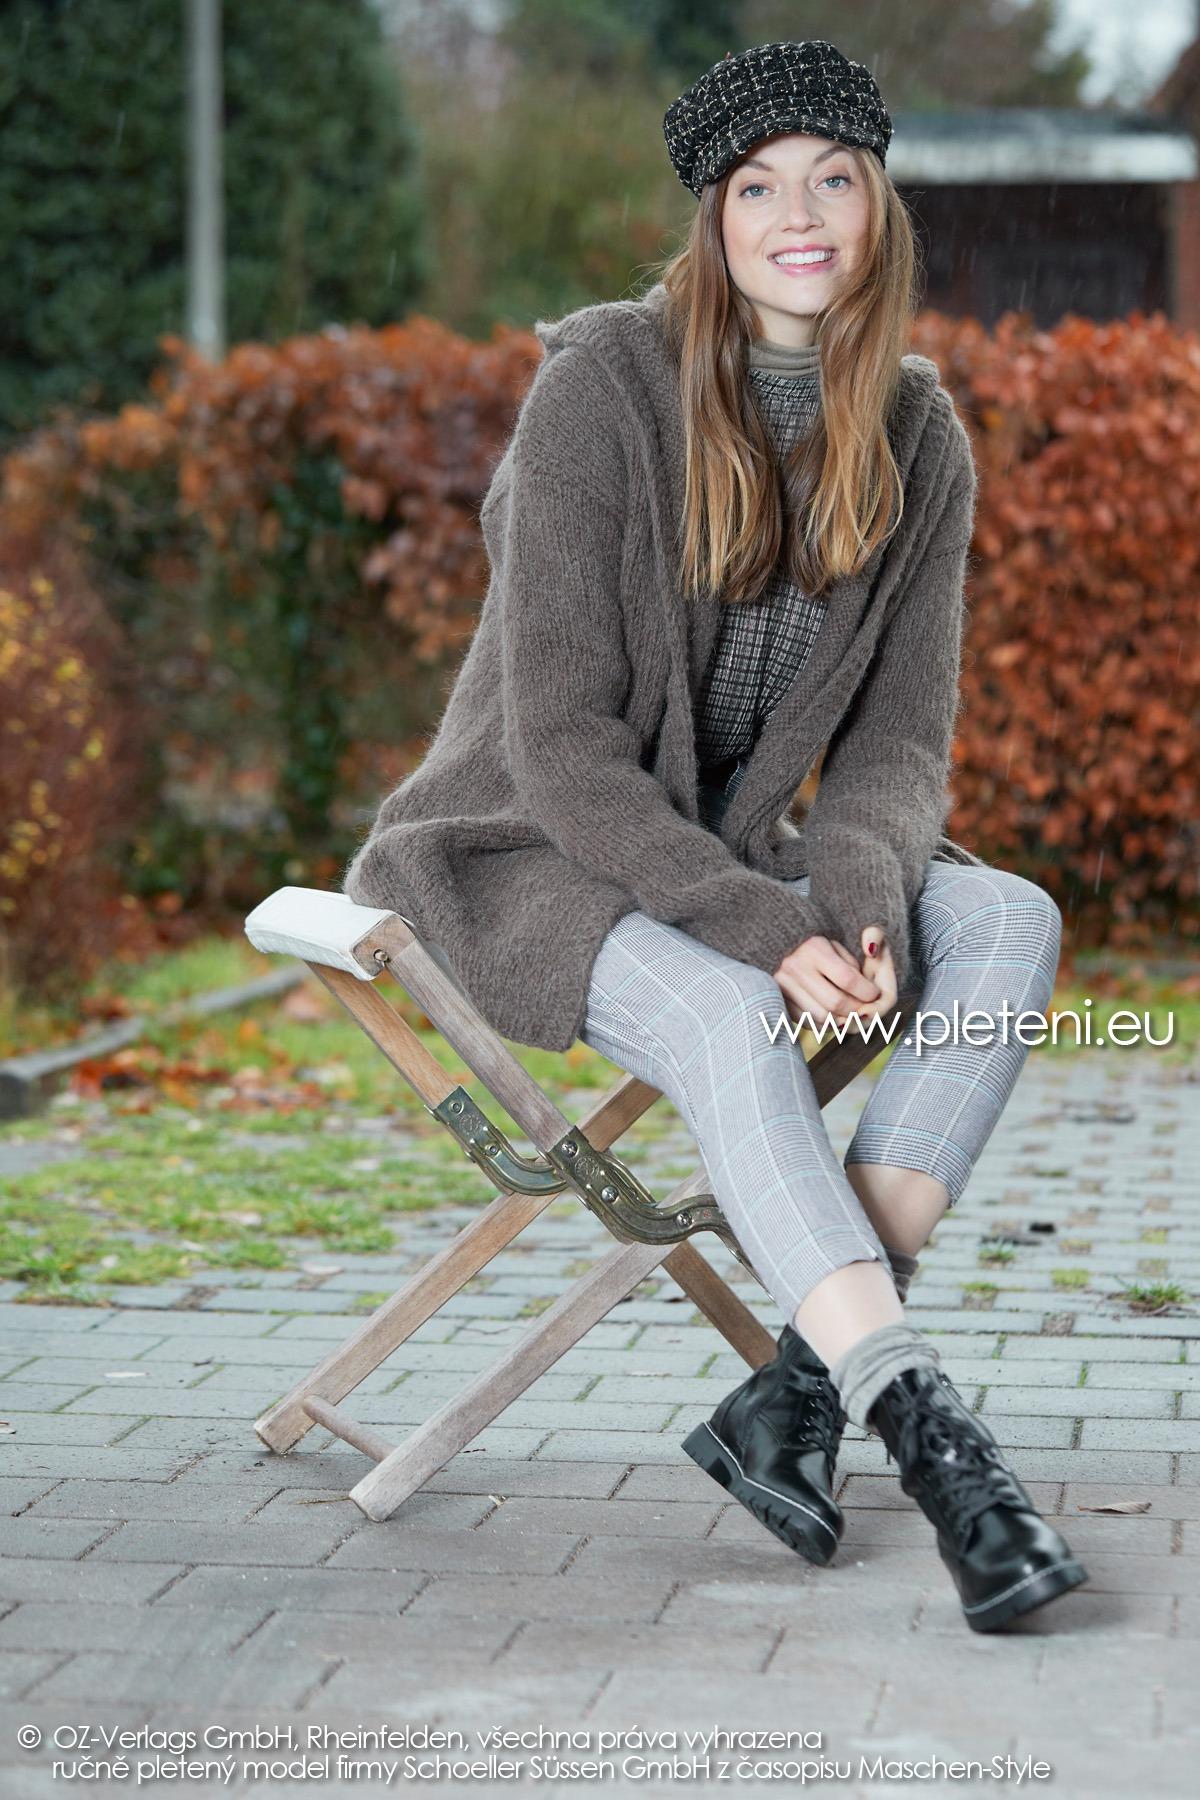 2019-Z-23 pletený dámský kabátek z příze Alpaca Fluffy značky Austermann